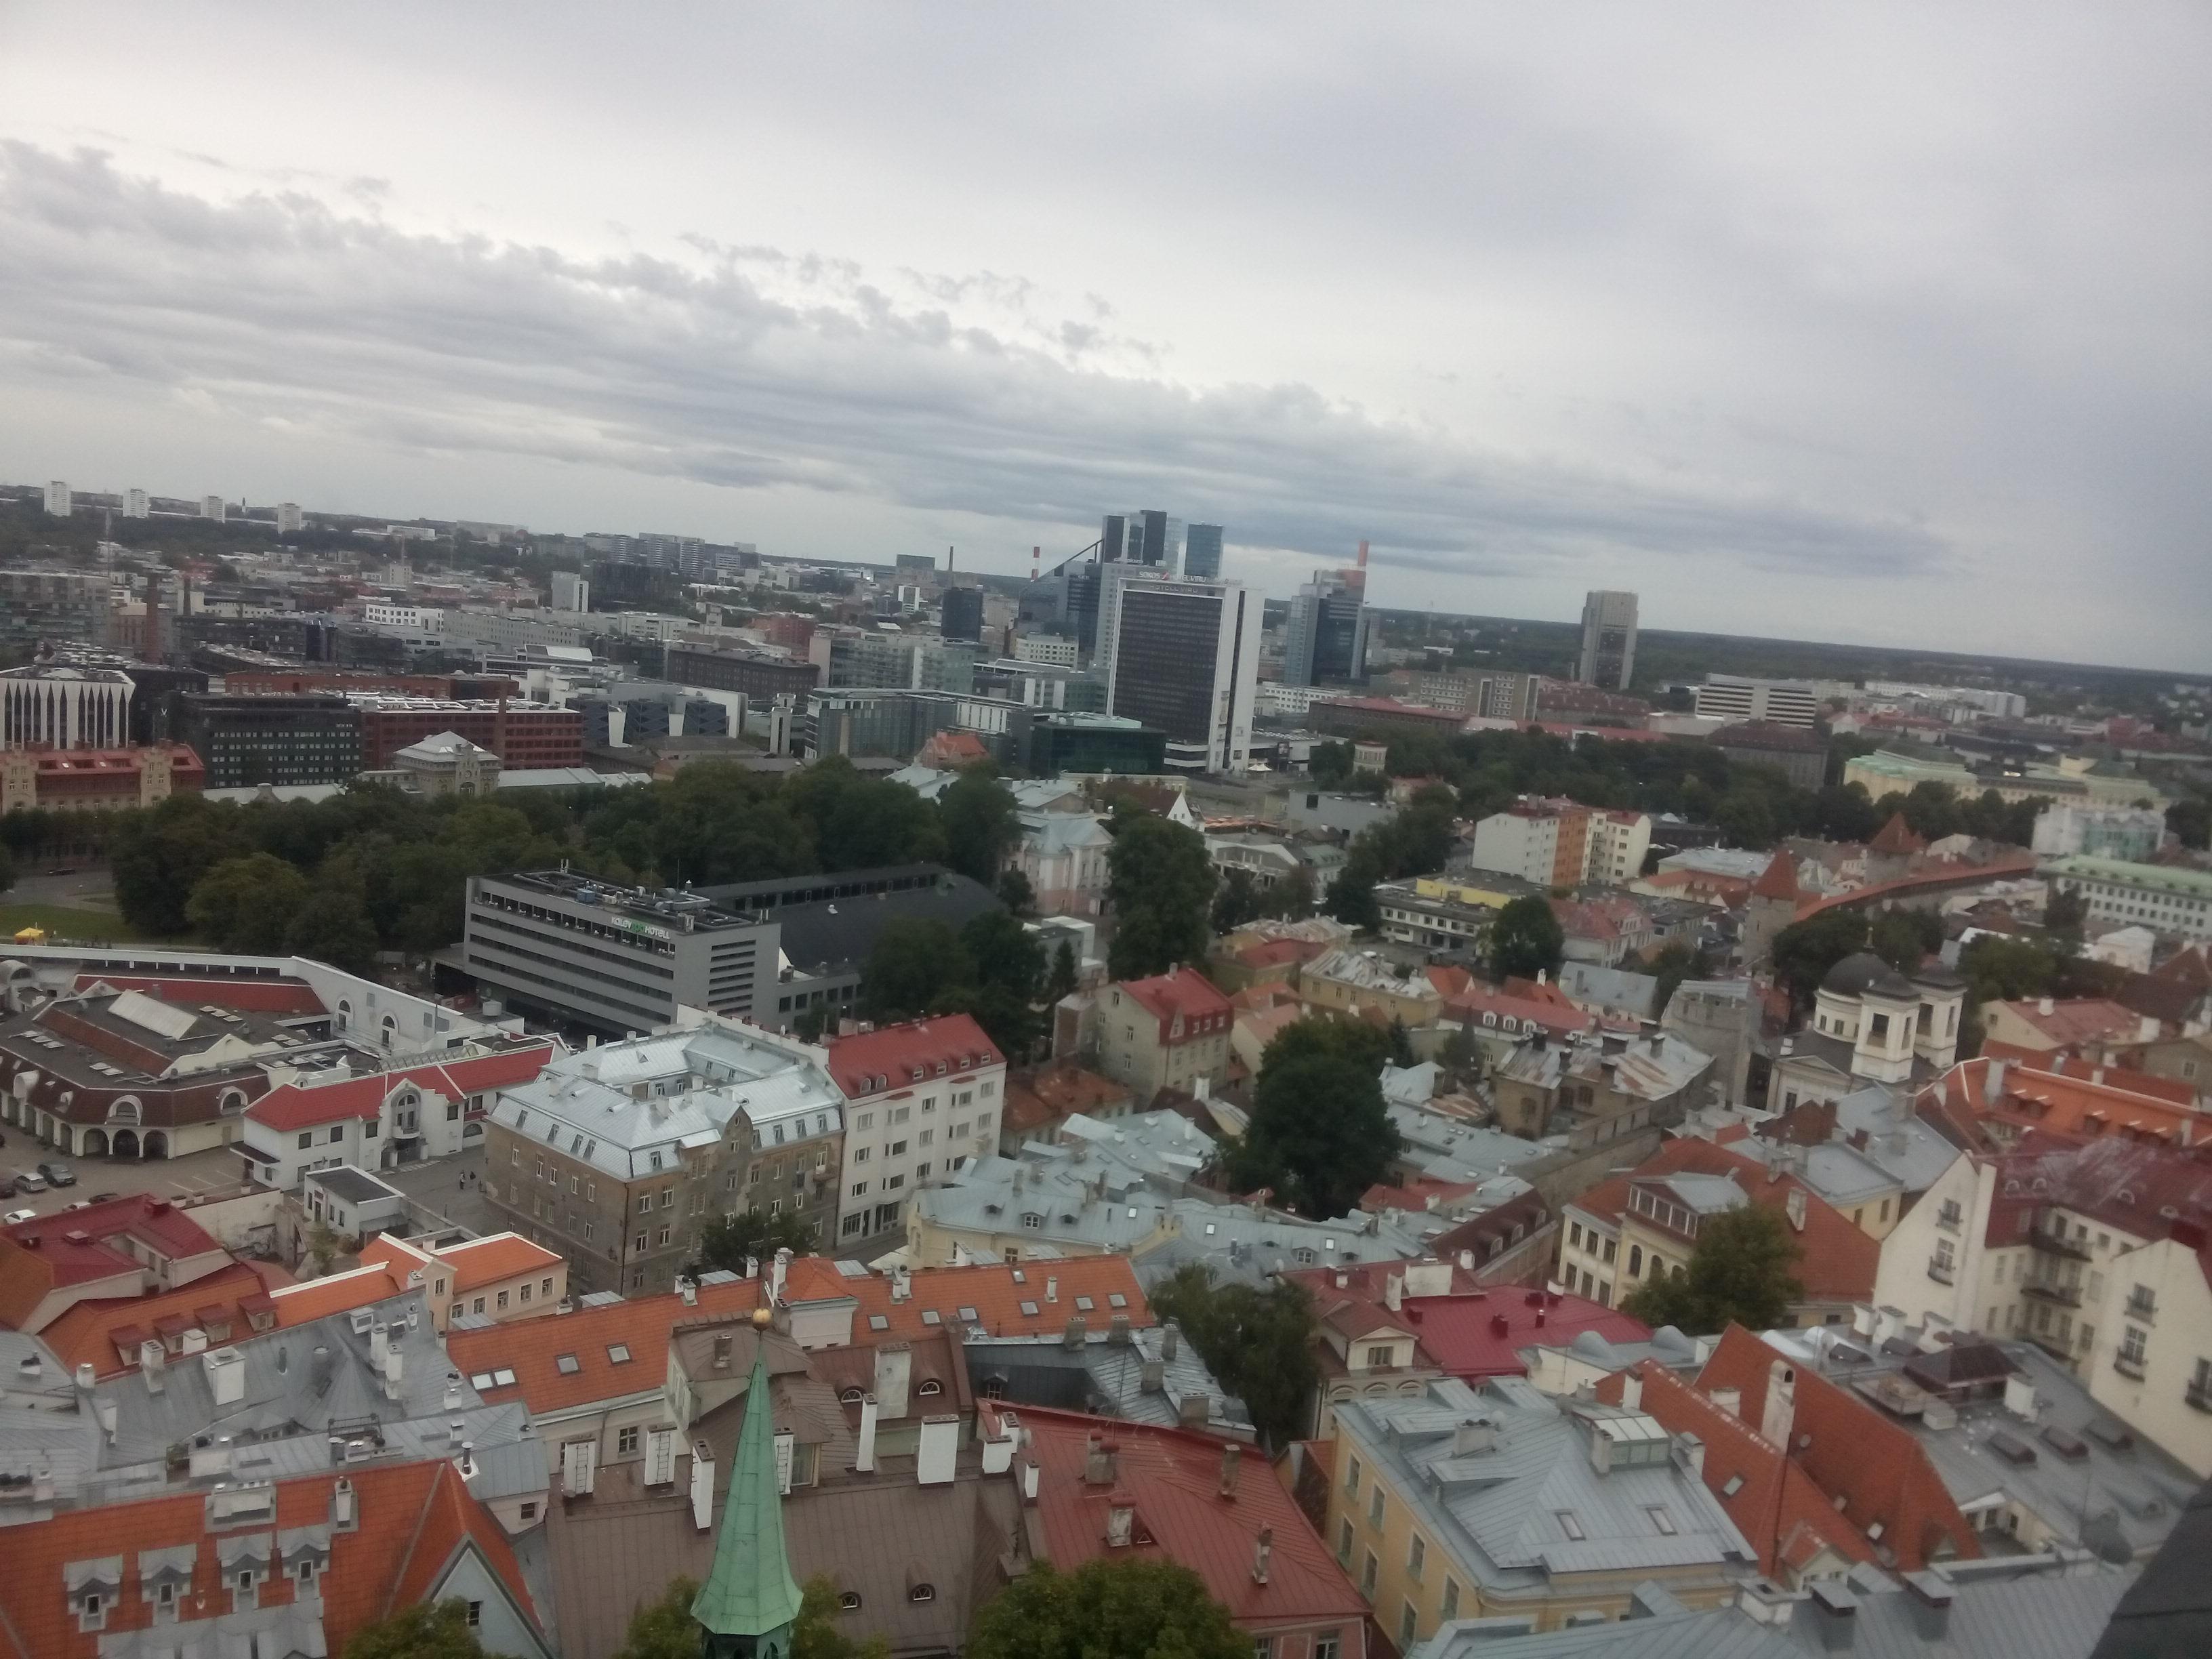 https://i.amy.gy/201808-estonia/IMG_20180825_172543.jpg